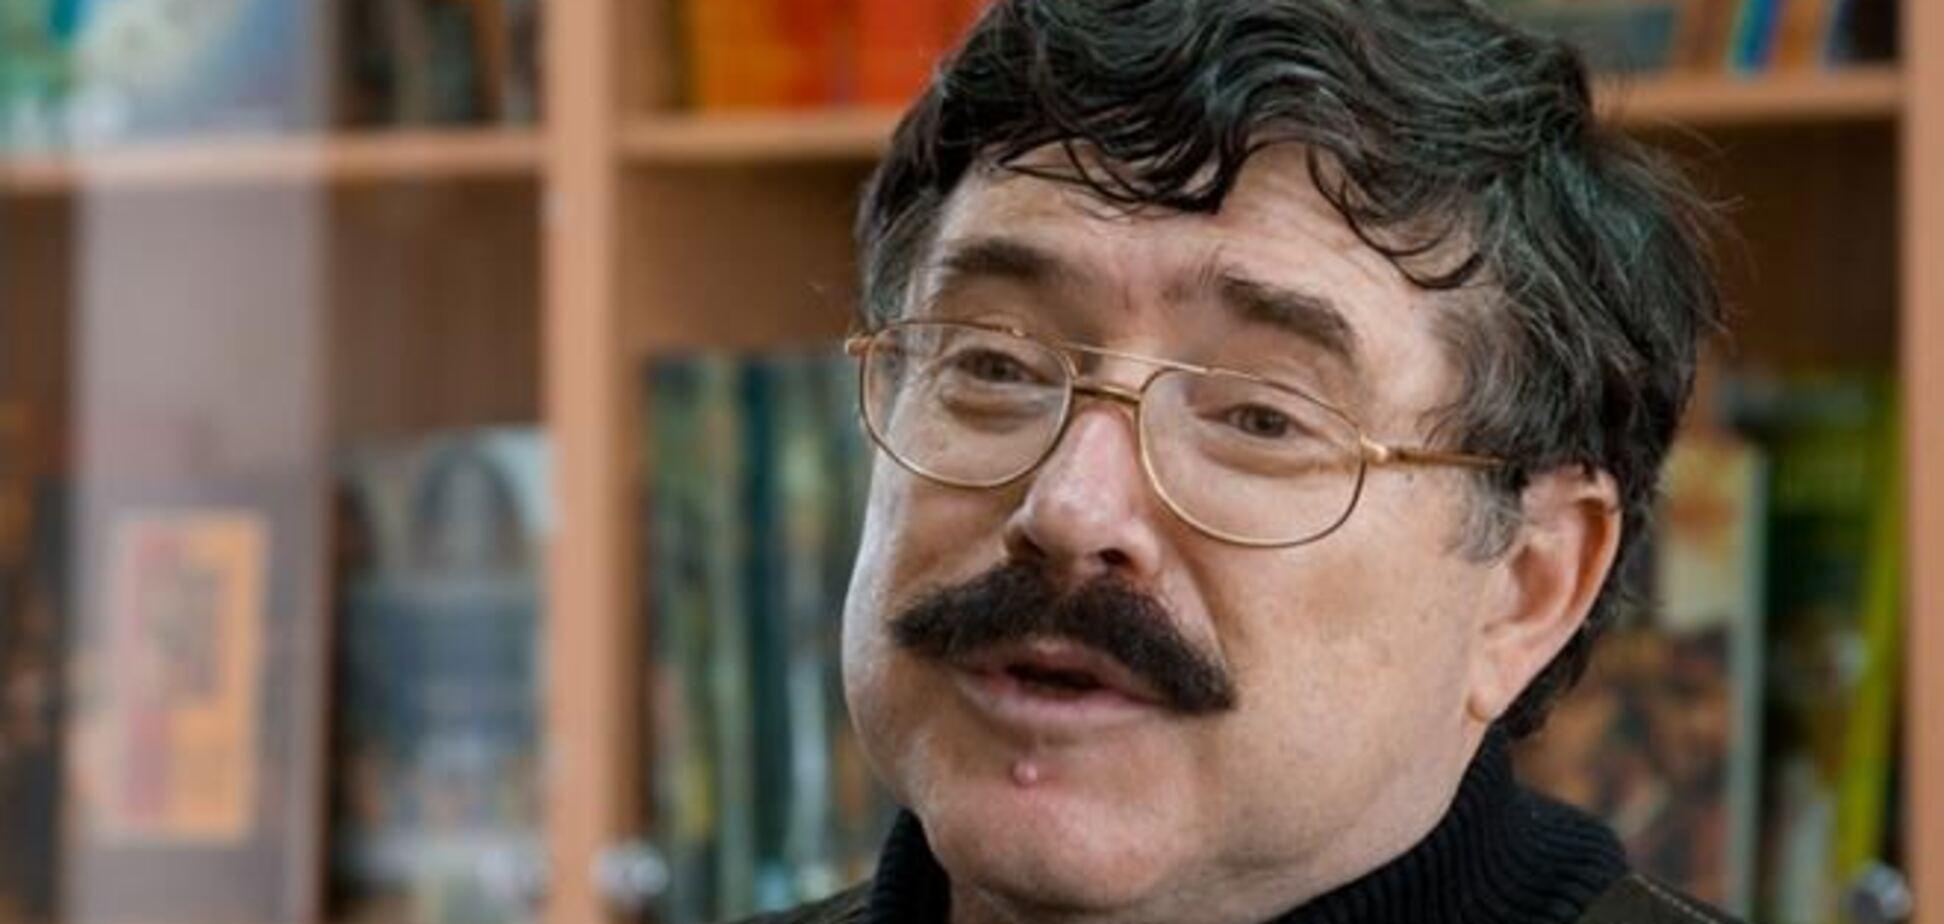 Одессит Борис Бурда: непонятно, кто позволил шахматному клубу исчезнуть из центра!